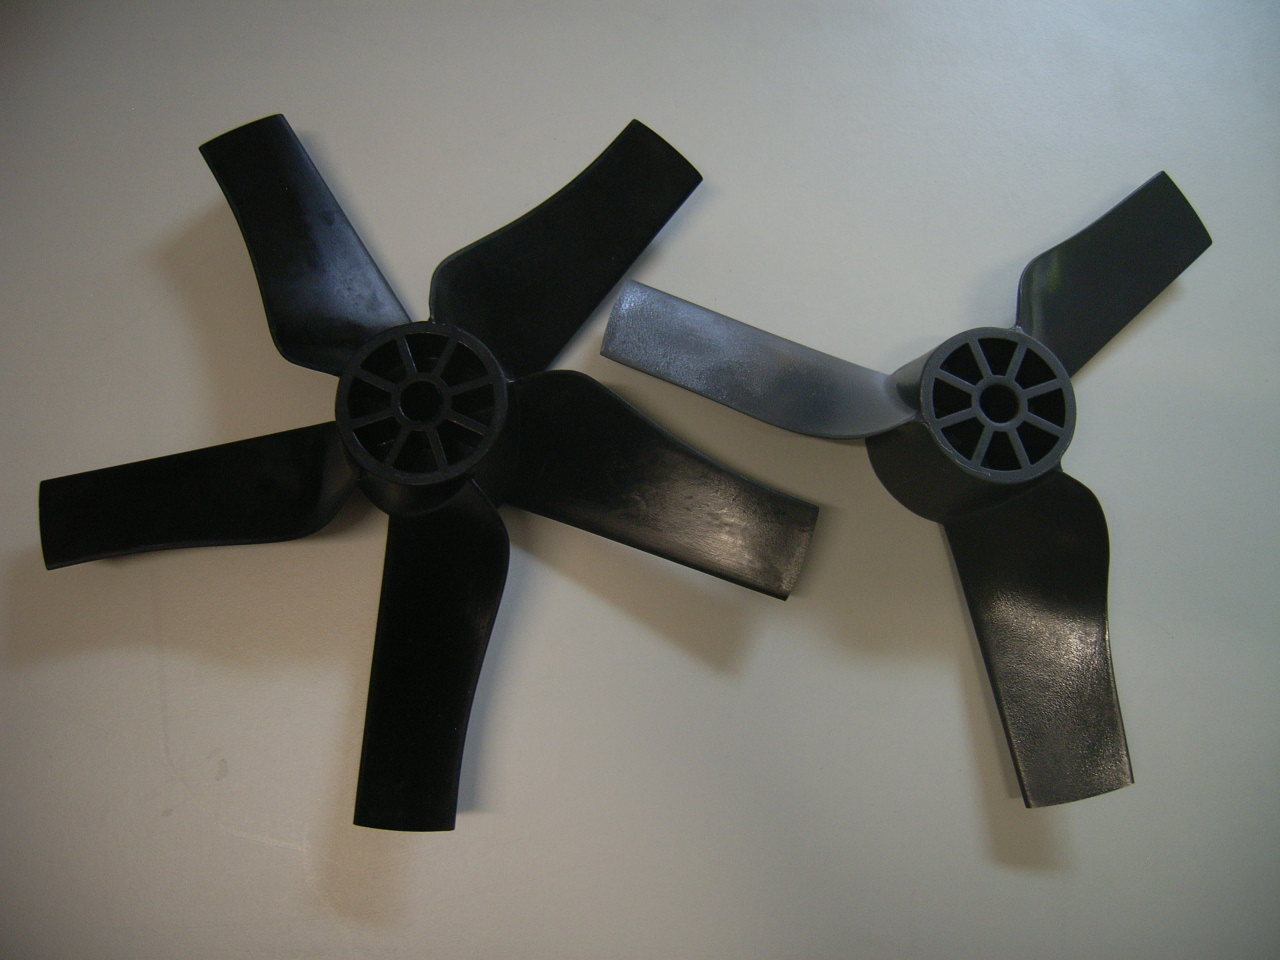 Propeller für Bonex Scooter in verschiedenen Ausführungen